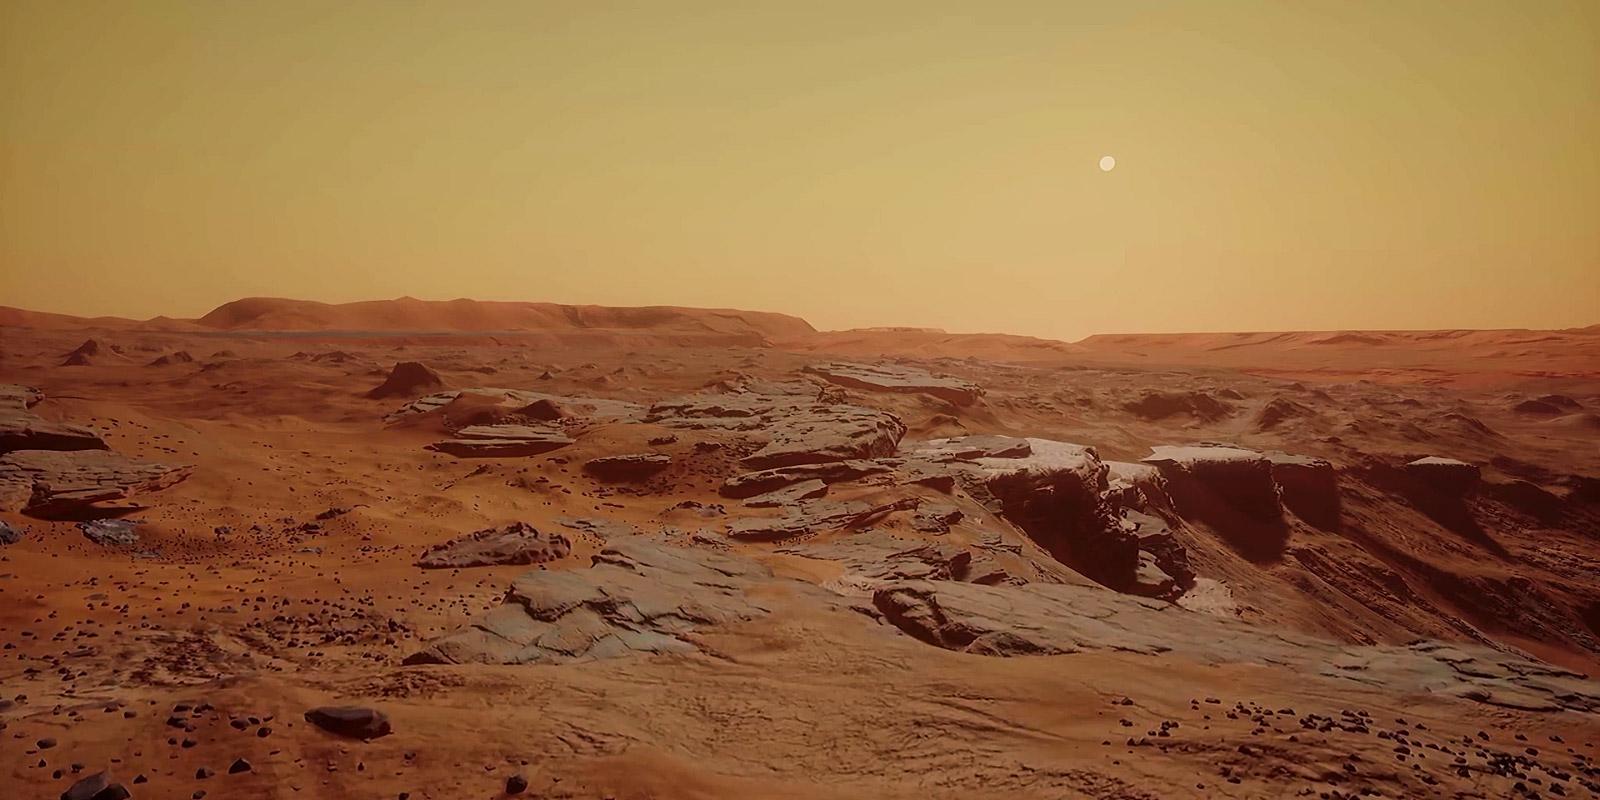 Actual photos of mars